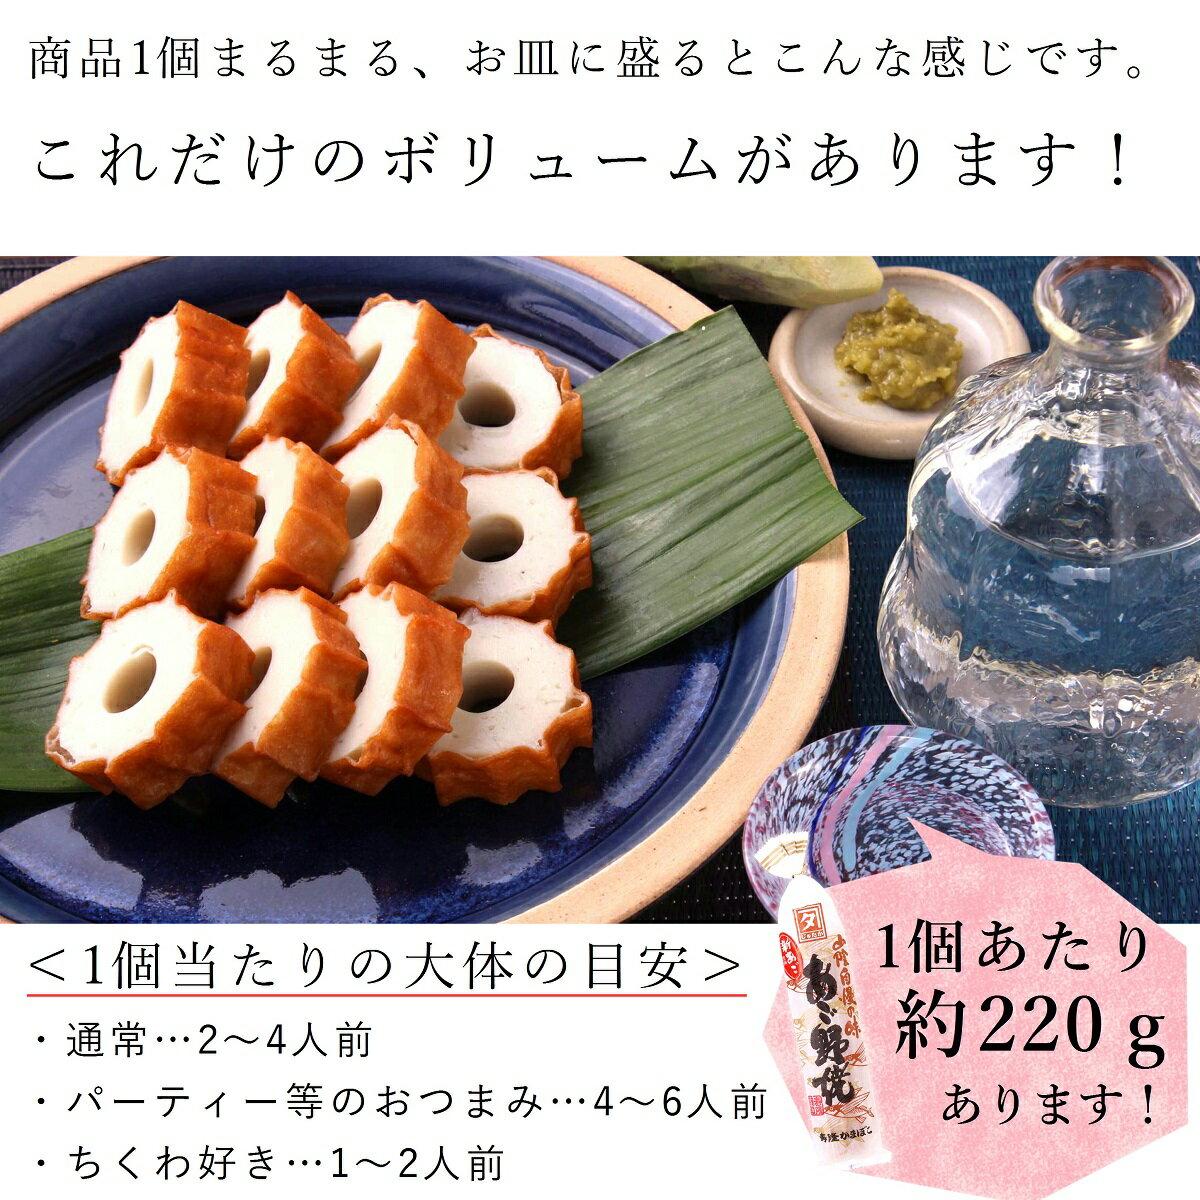 寿隆蒲鉾『あご野焼』